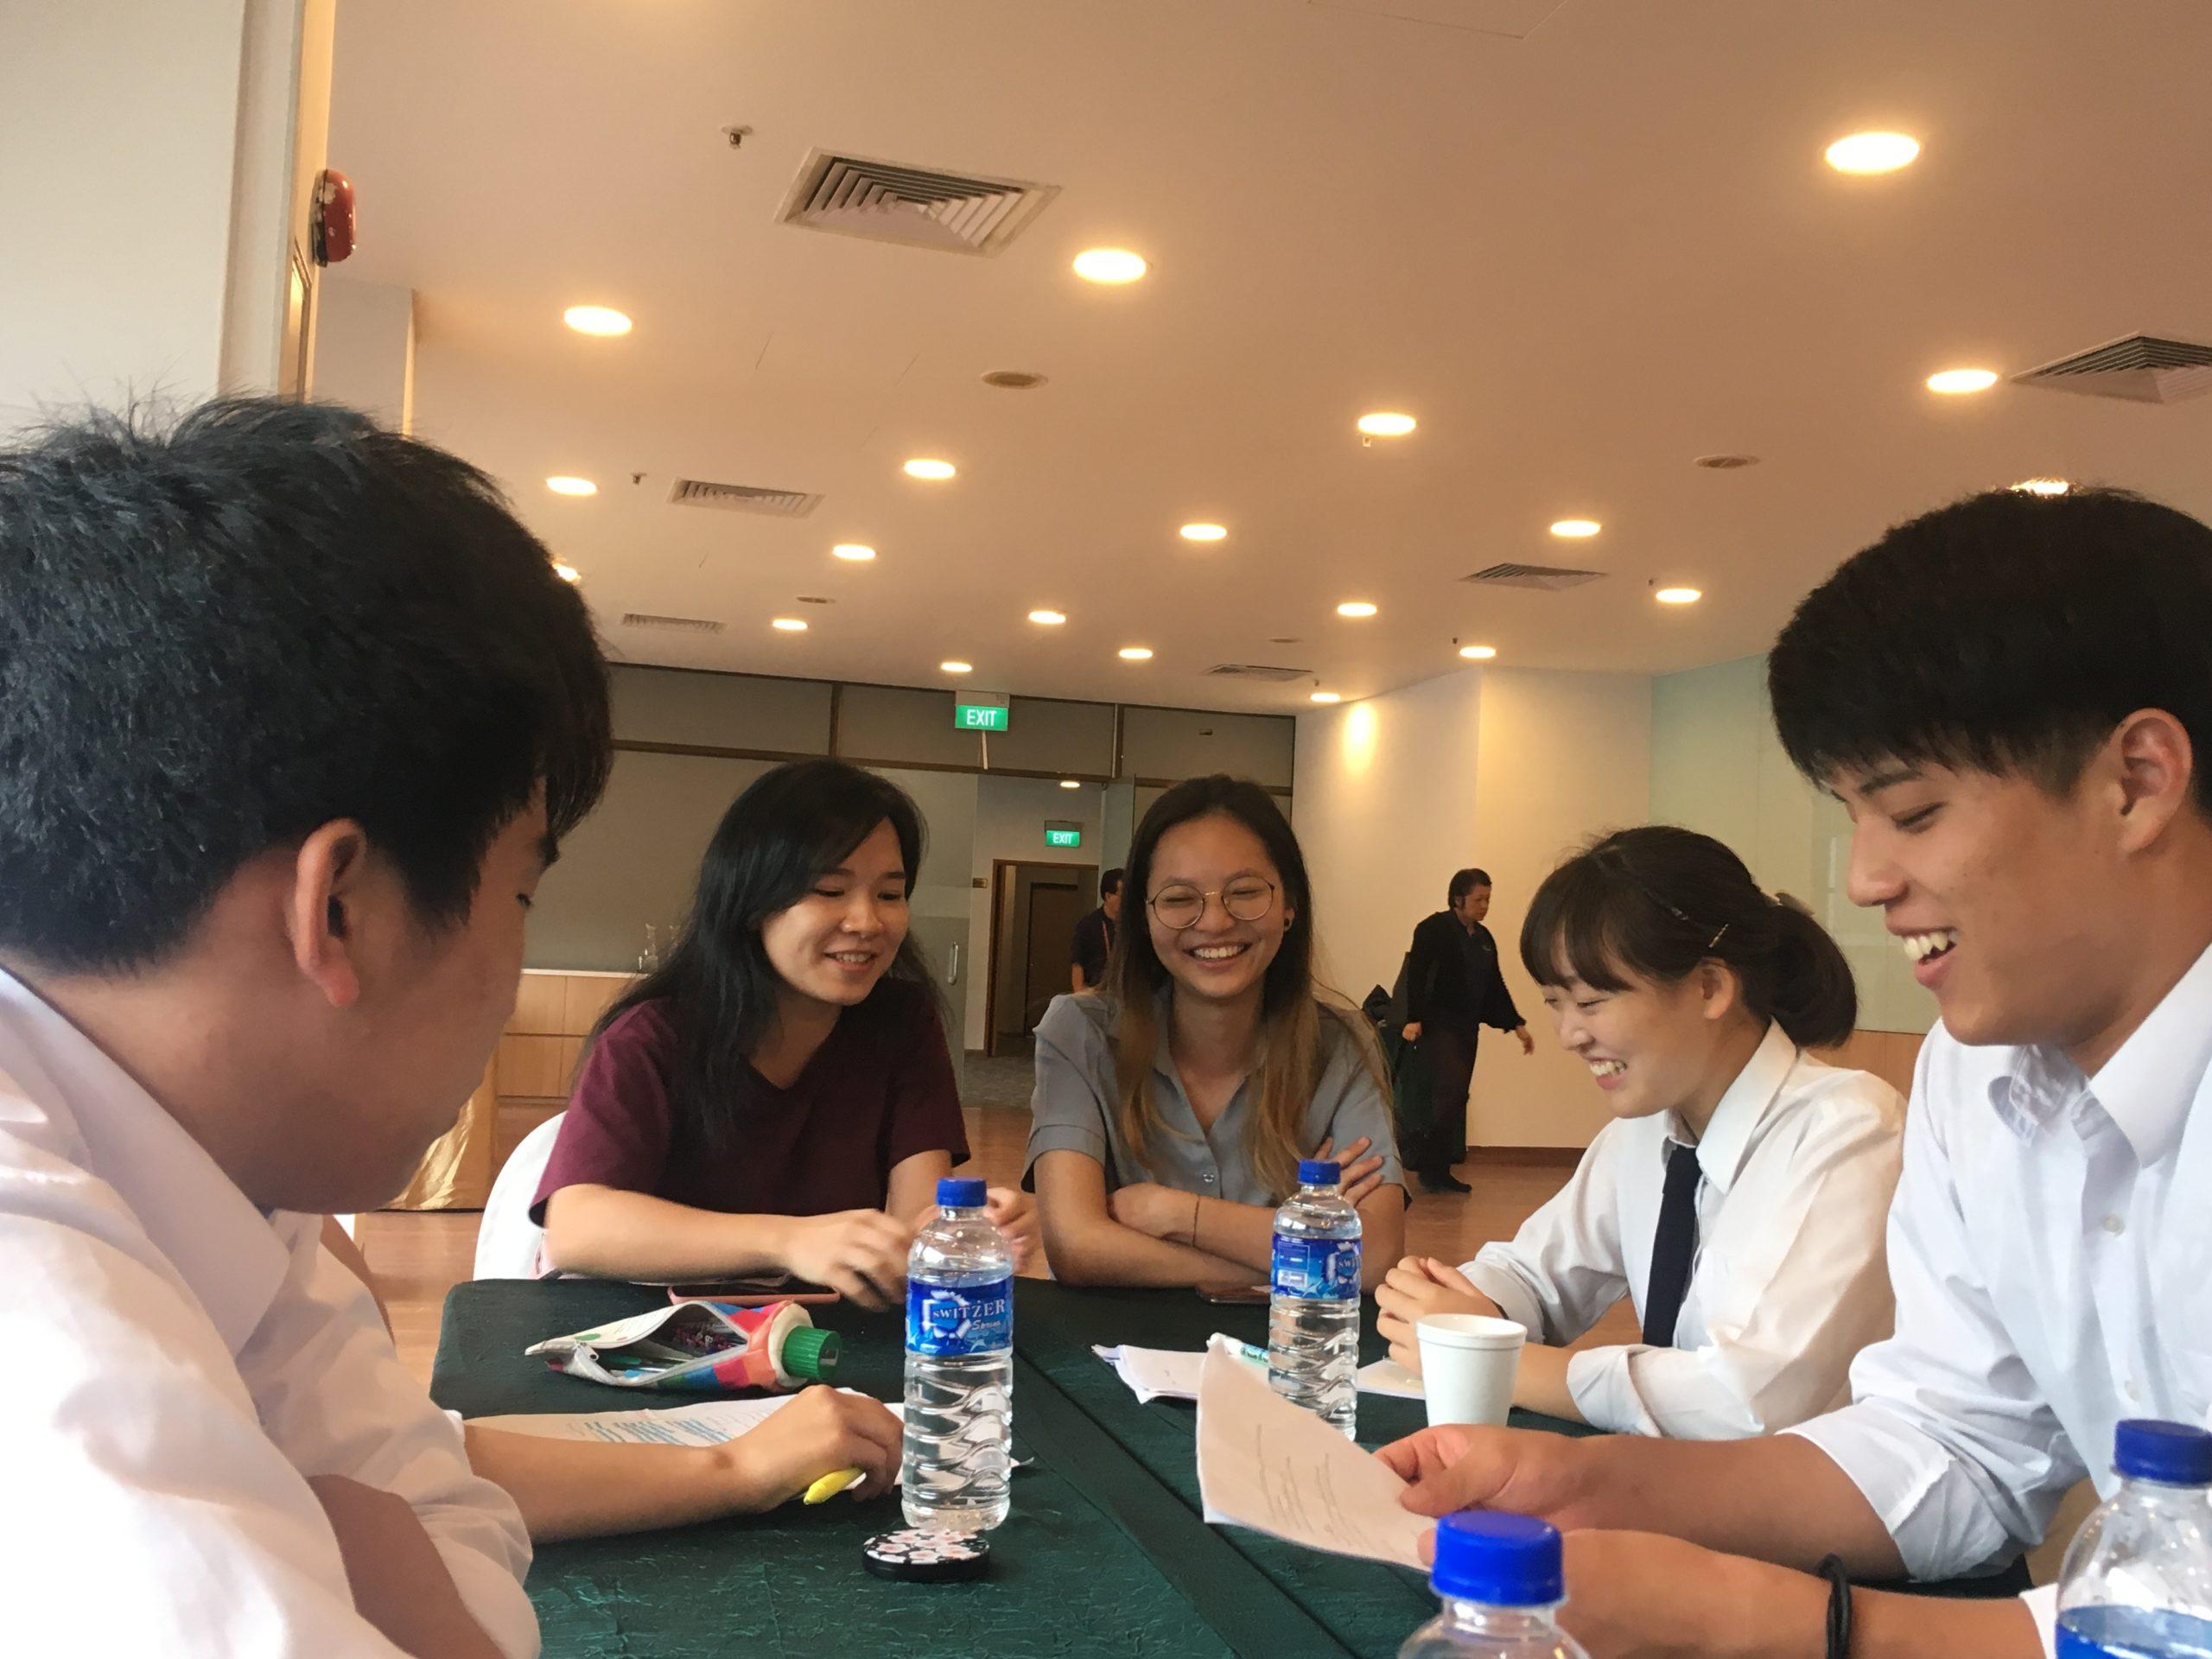 「島留学」魅力的で持続可能な学校と地域を-隠岐島前教育魅力化プロジェクト-